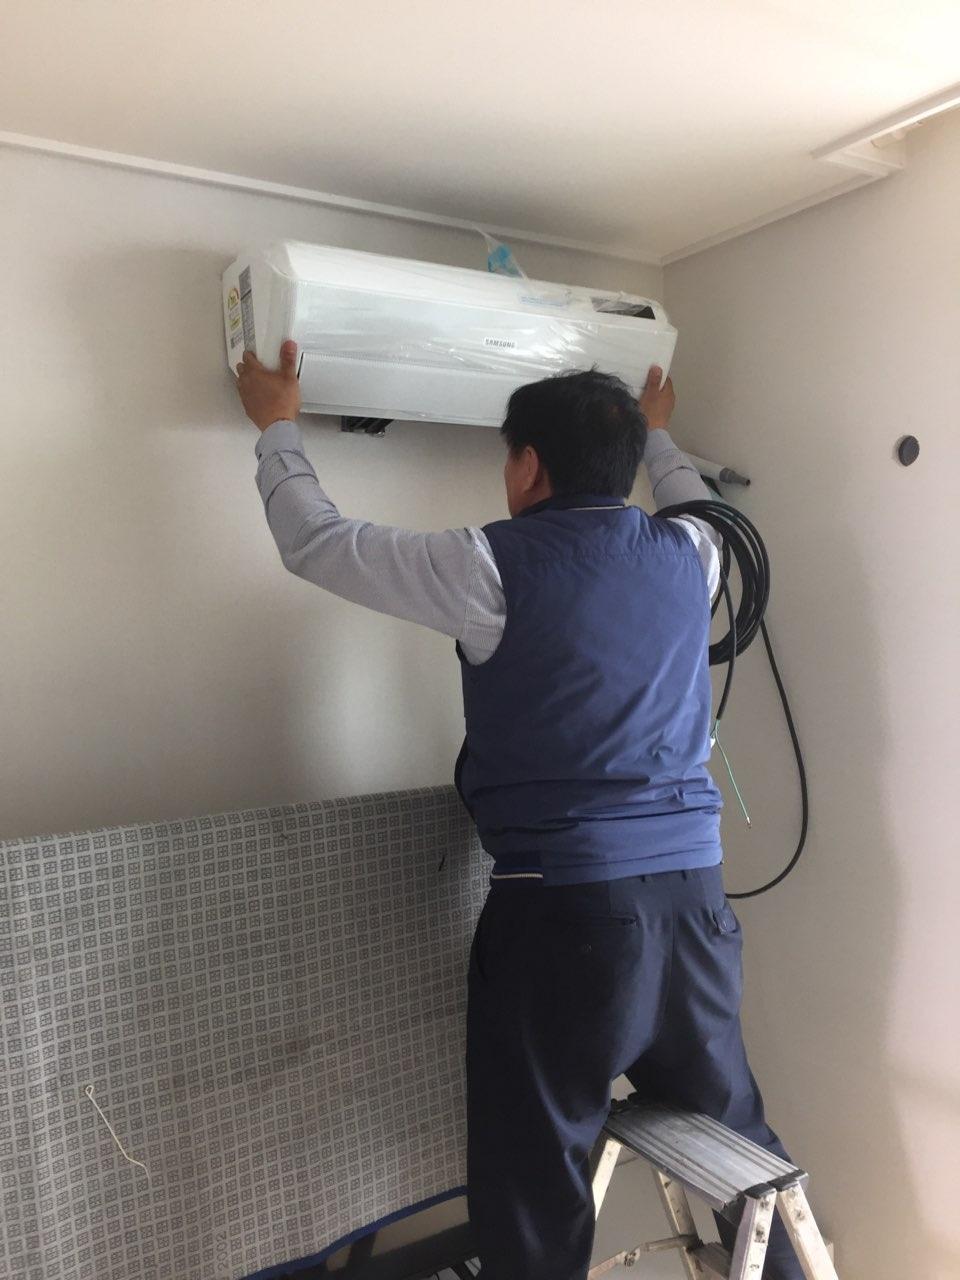 벽걸이TV, 에어컨 이전 설치 전문